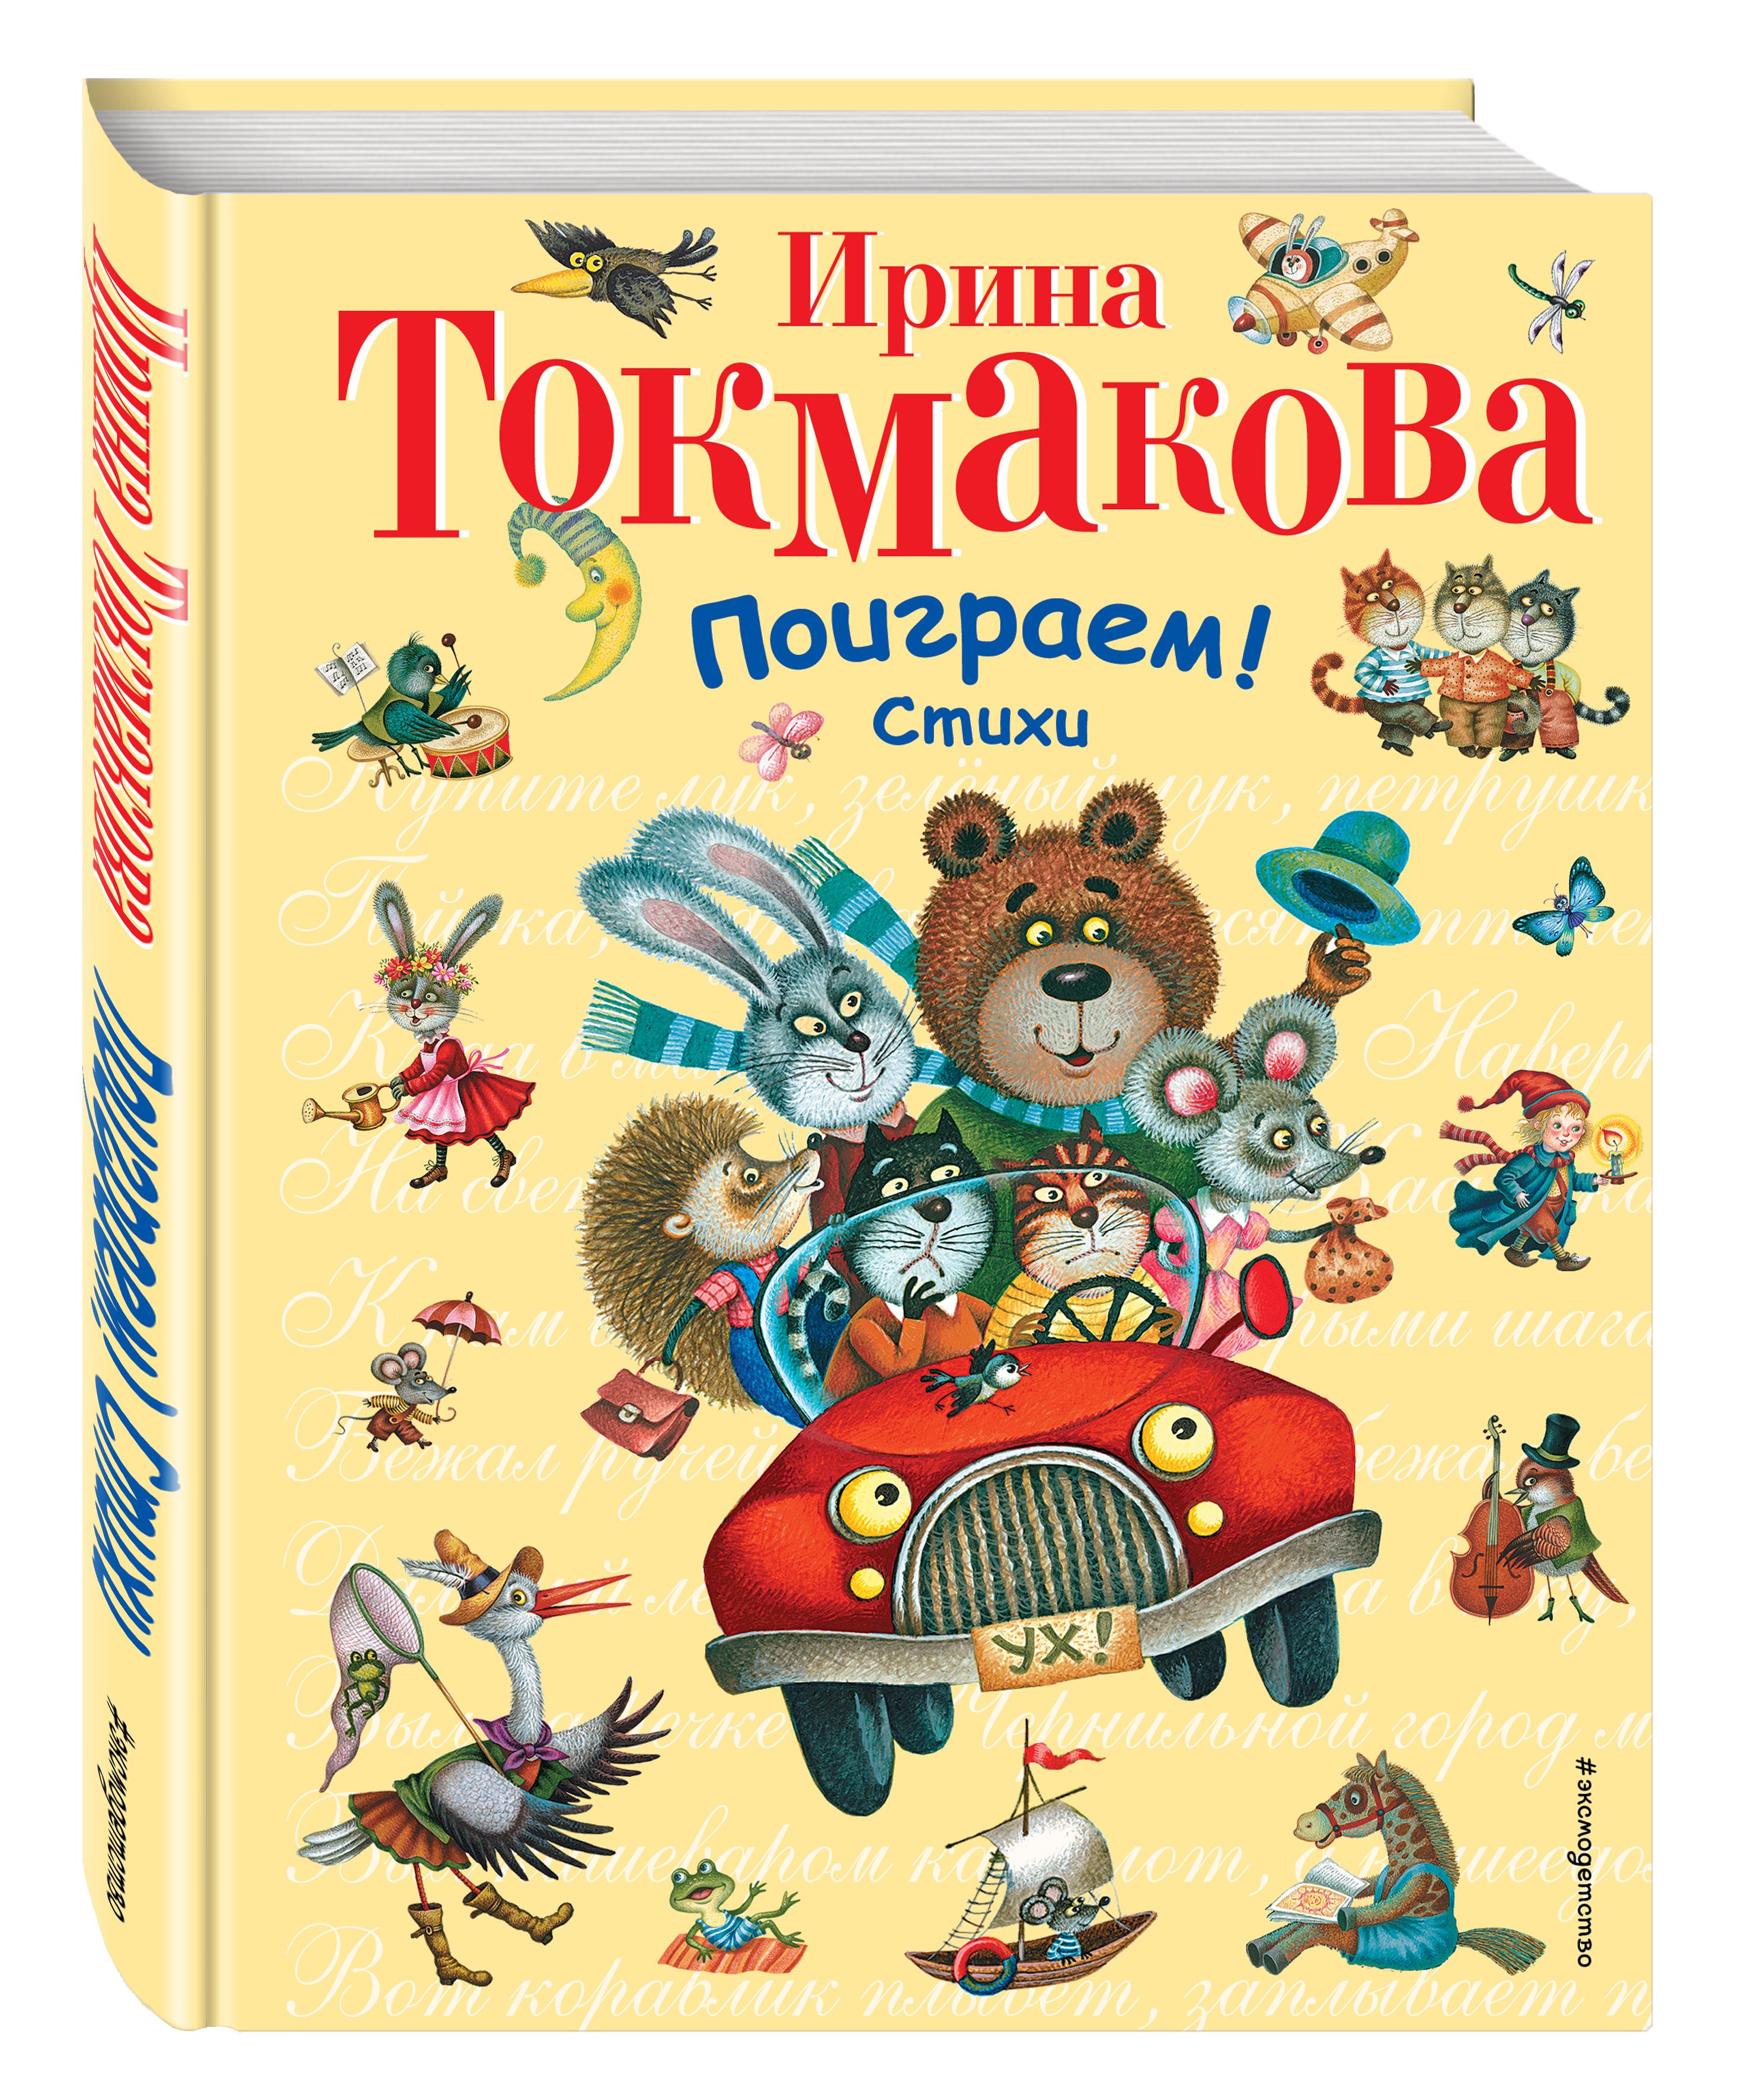 Токмакова И.П. Поиграем! Стихи ингпен роберт мишкина история сказка пересказ ирины токмаковой